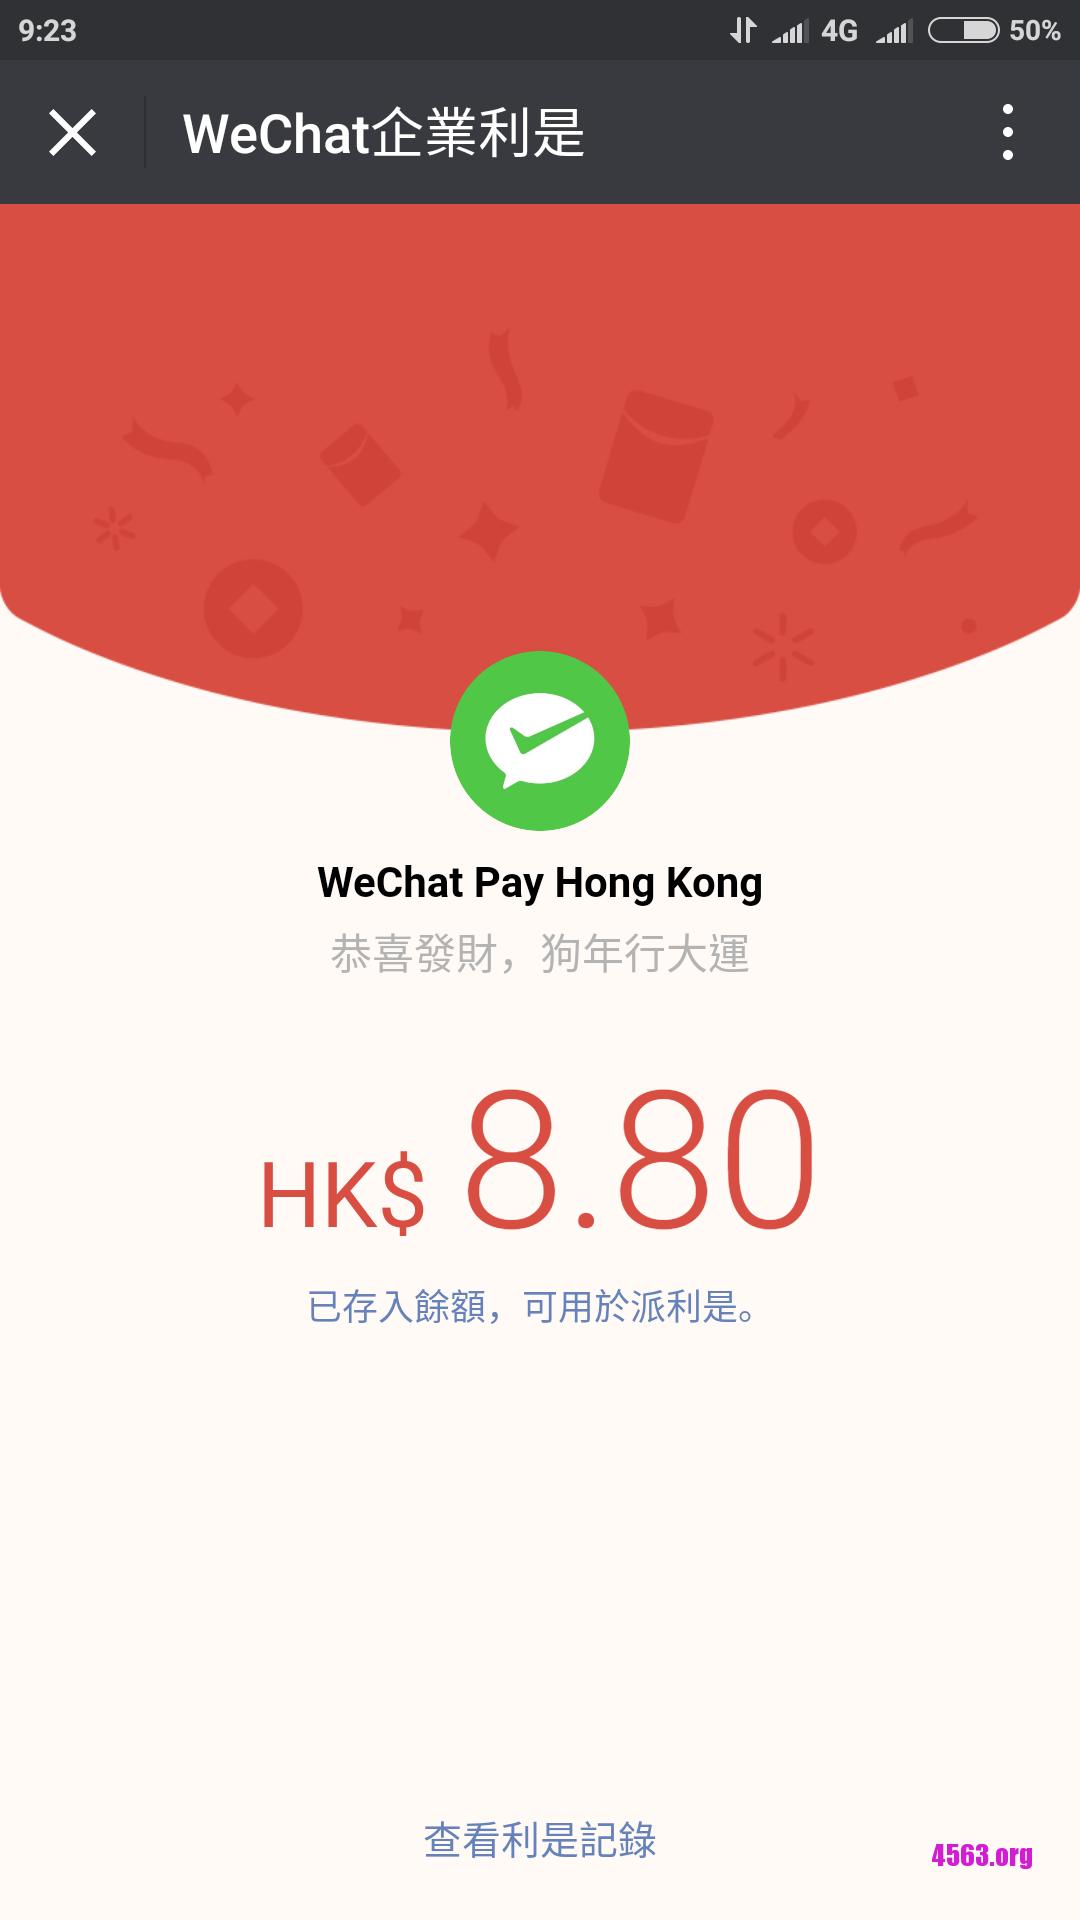 Screenshot_2018-02-08-09-23-05-351_com.tencent.mm